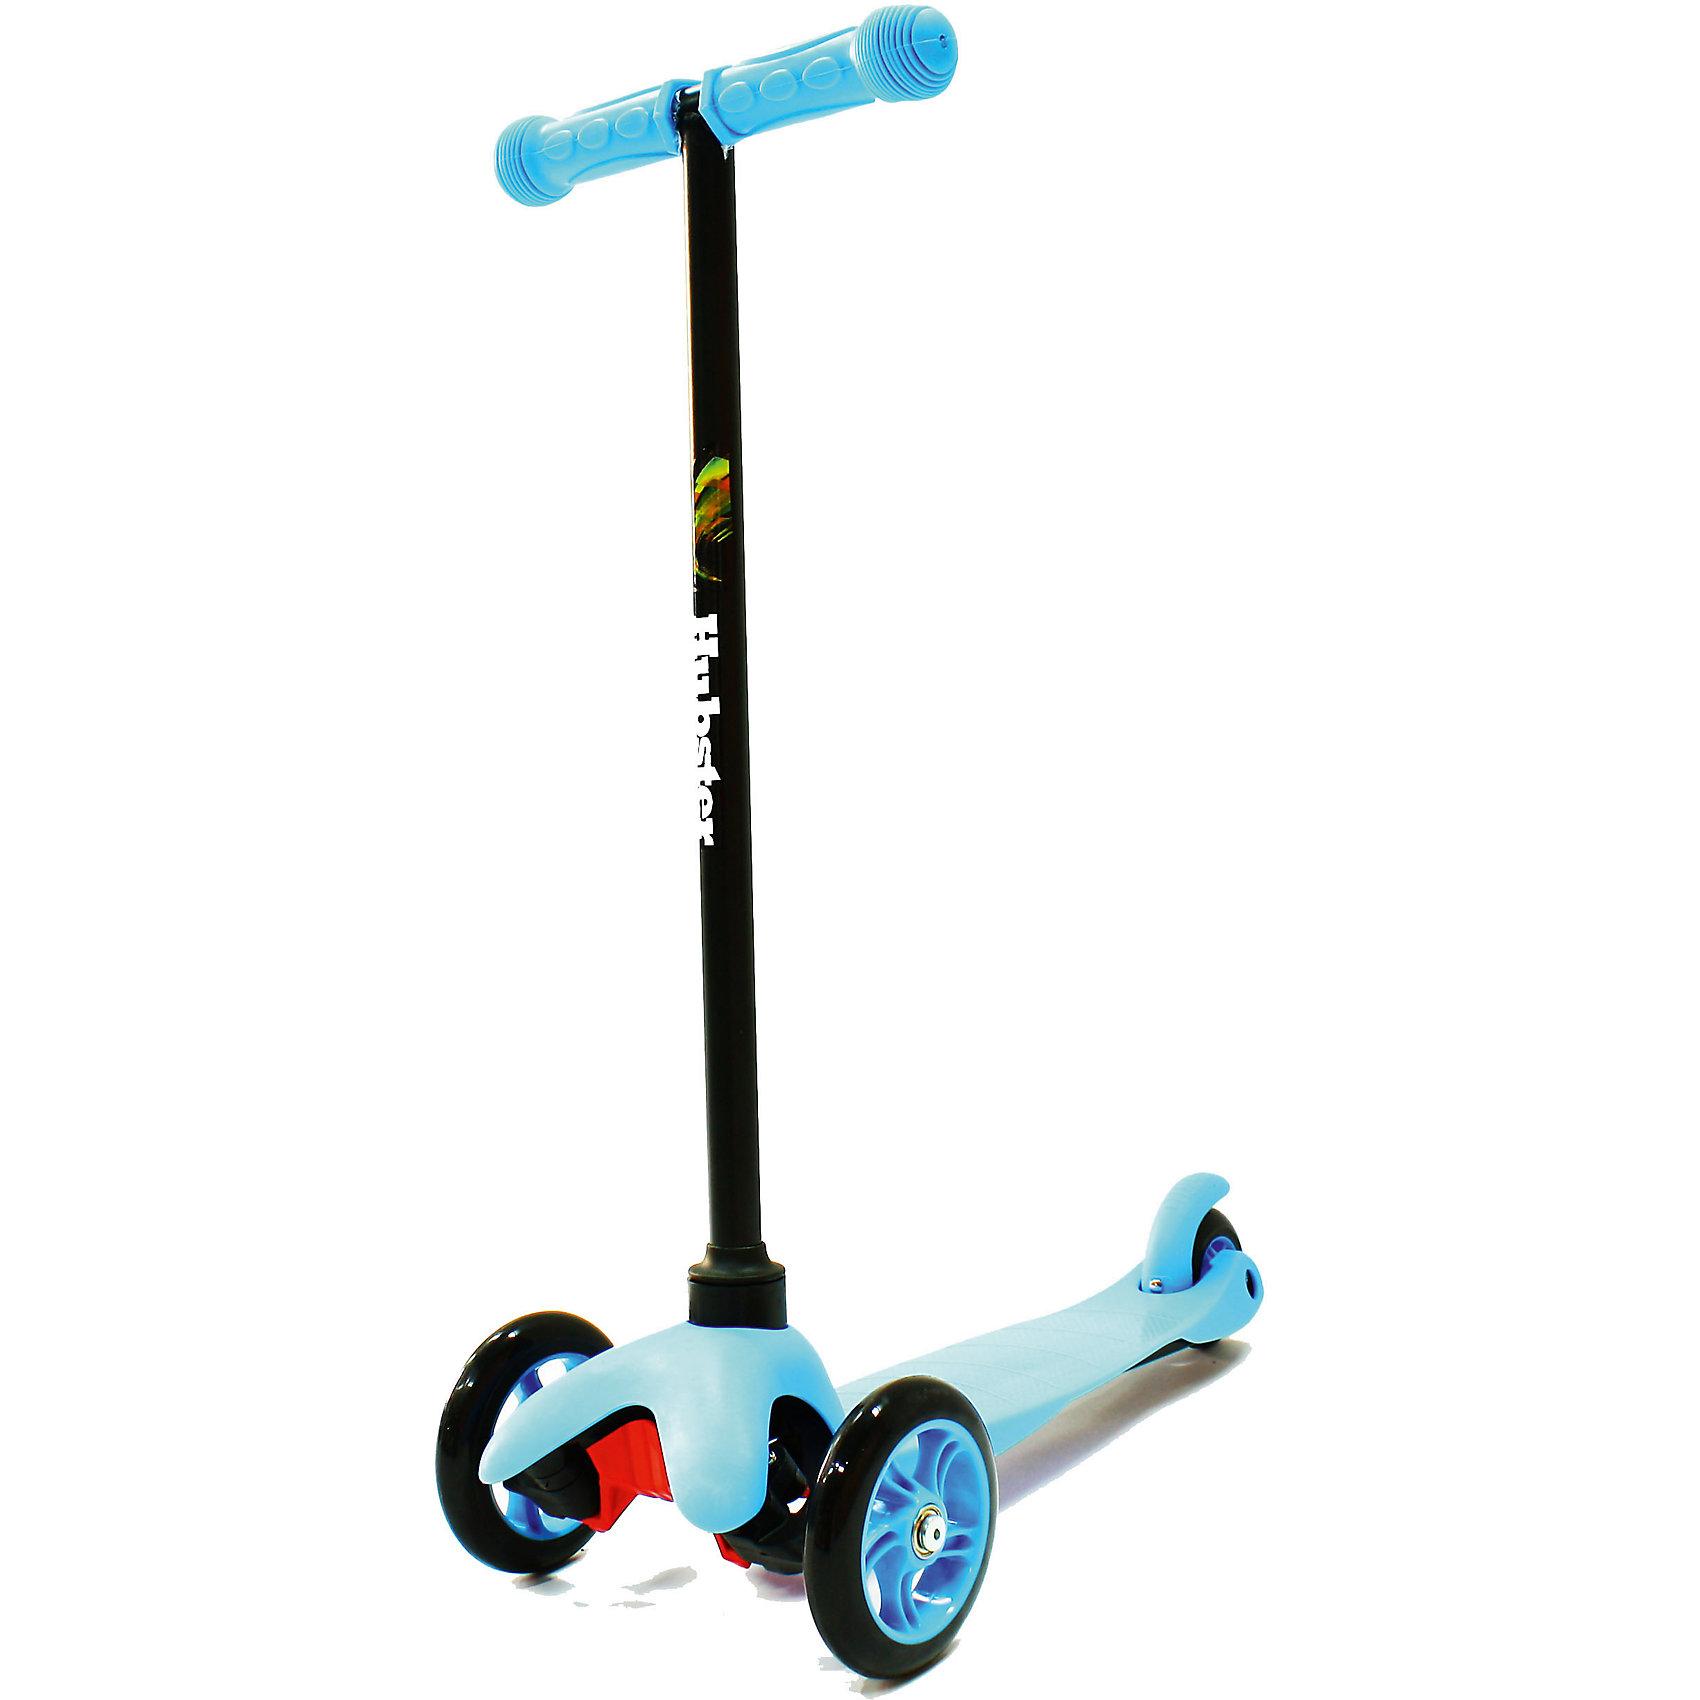 Самокат Hubster Mini,  синийСамокаты<br>Материл: алюминий, пластик. Макс.нагрузка: 30кг <br>Высота руля: Max 63 см.                                                                                  Тормоза задние-наступающий (step-on brake)                                                                                                                Полиуретановые литые колёса жёсткостью 82А.                  Размер колес: 125мм, 80мм. Подшипник:АВЕС-5                          Лёгкая долговечная система складывания, прорезиненные ручки<br><br>Ширина мм: 590<br>Глубина мм: 280<br>Высота мм: 150<br>Вес г: 1700<br>Возраст от месяцев: 36<br>Возраст до месяцев: 60<br>Пол: Унисекс<br>Возраст: Детский<br>SKU: 5518960